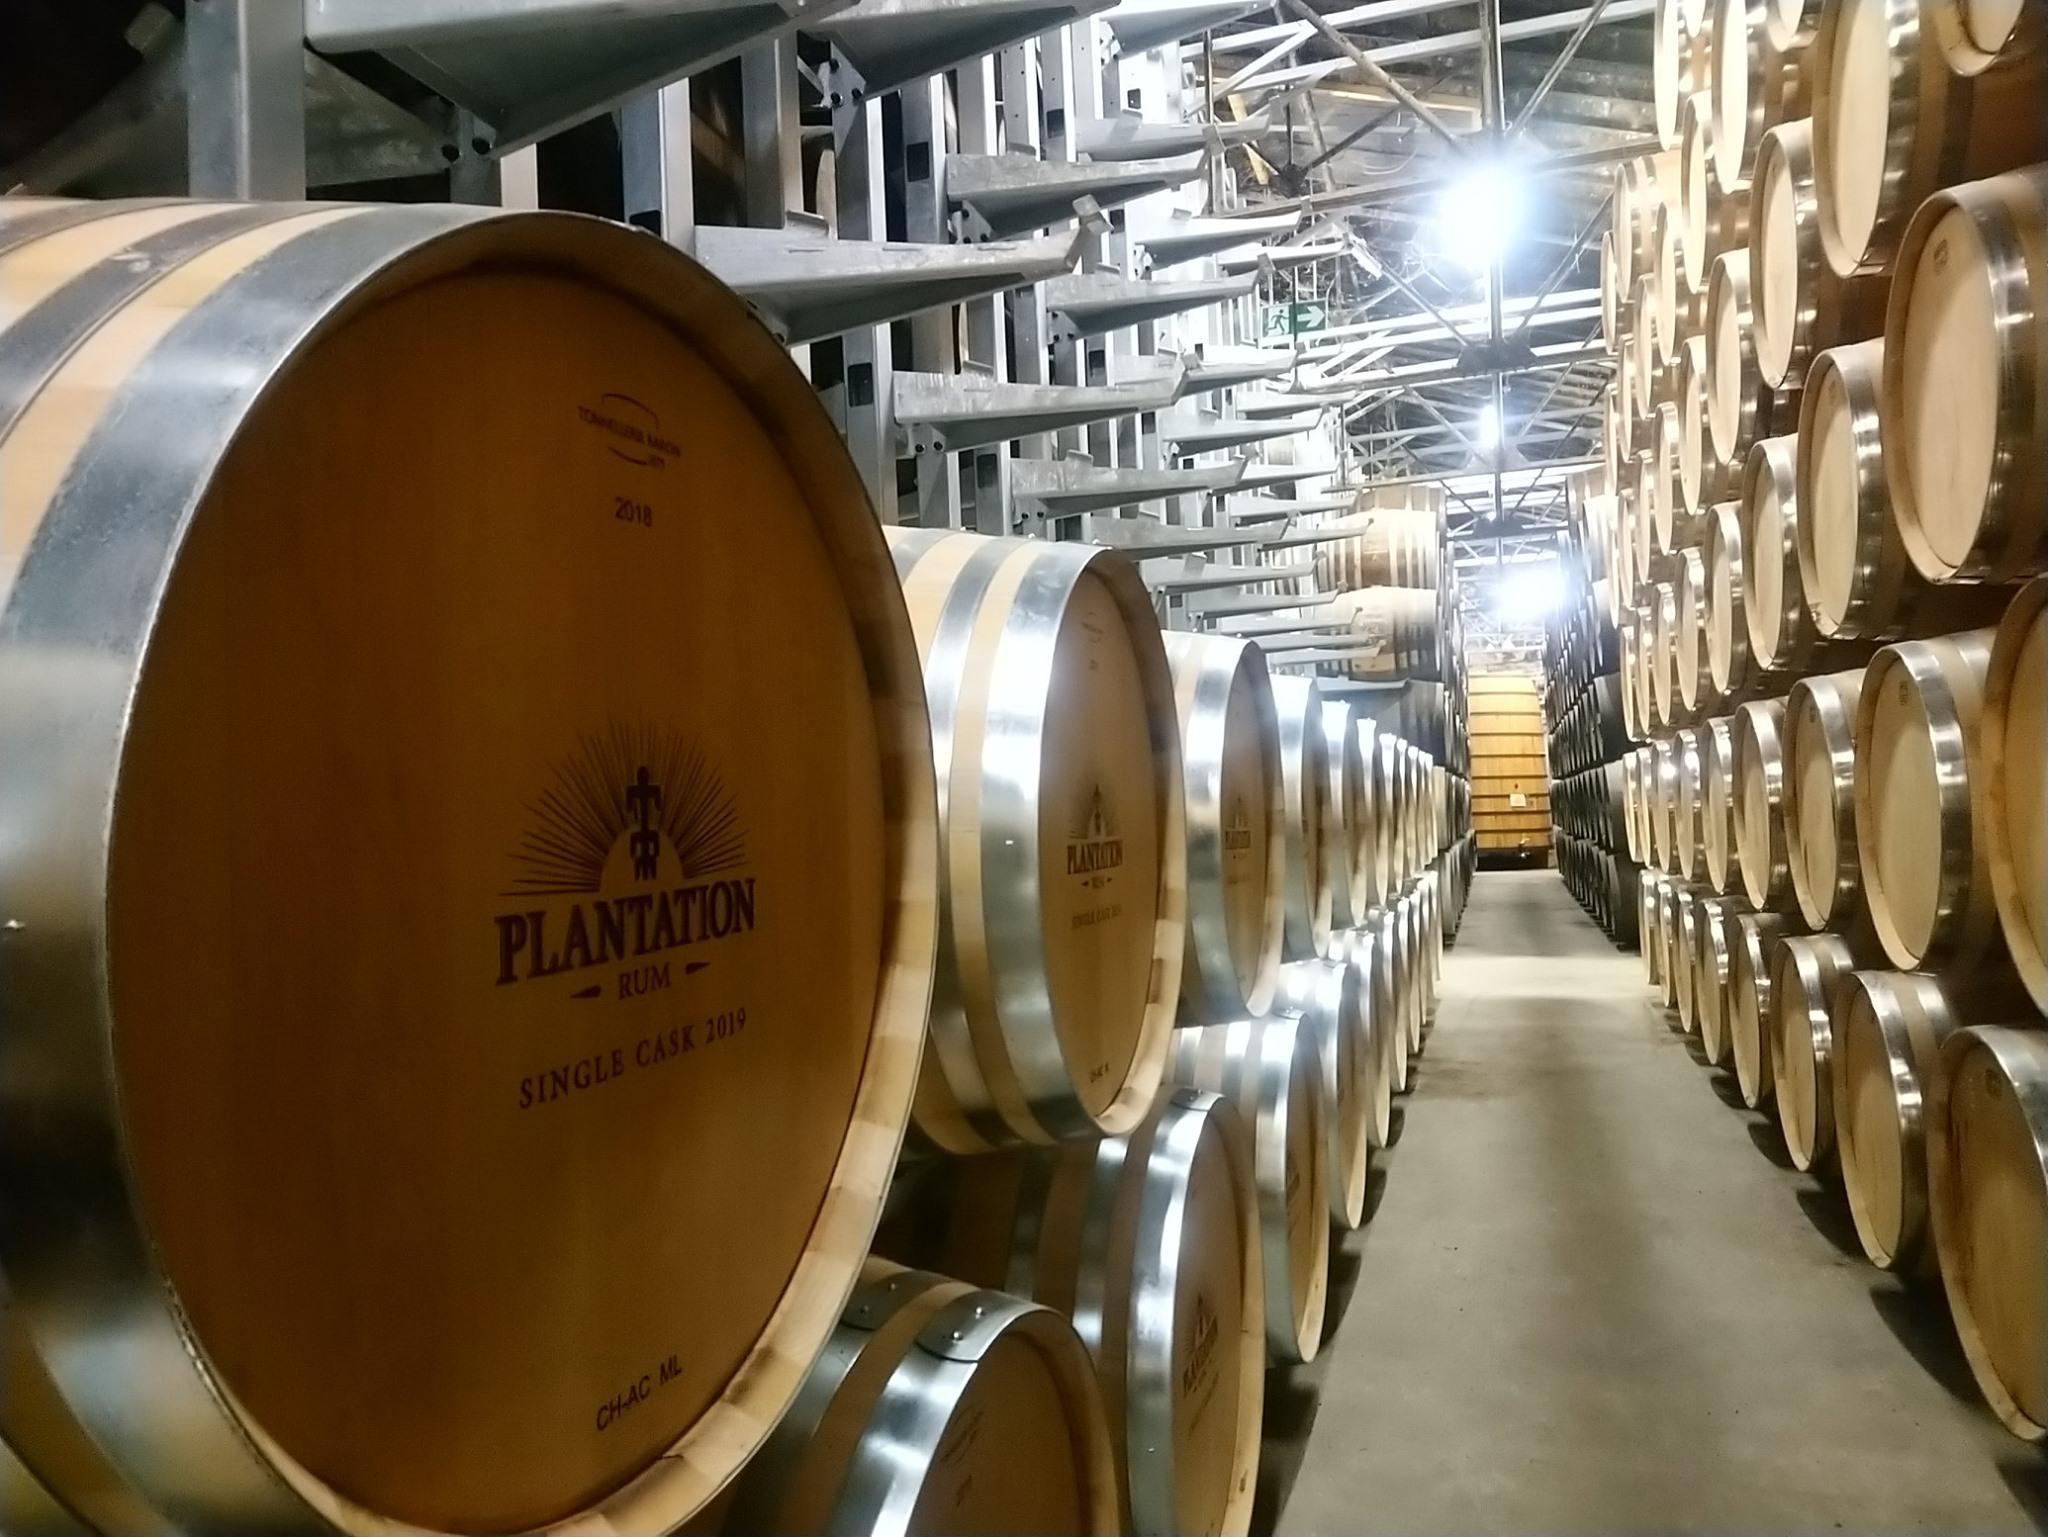 Chai Plantation - Maison Ferrand